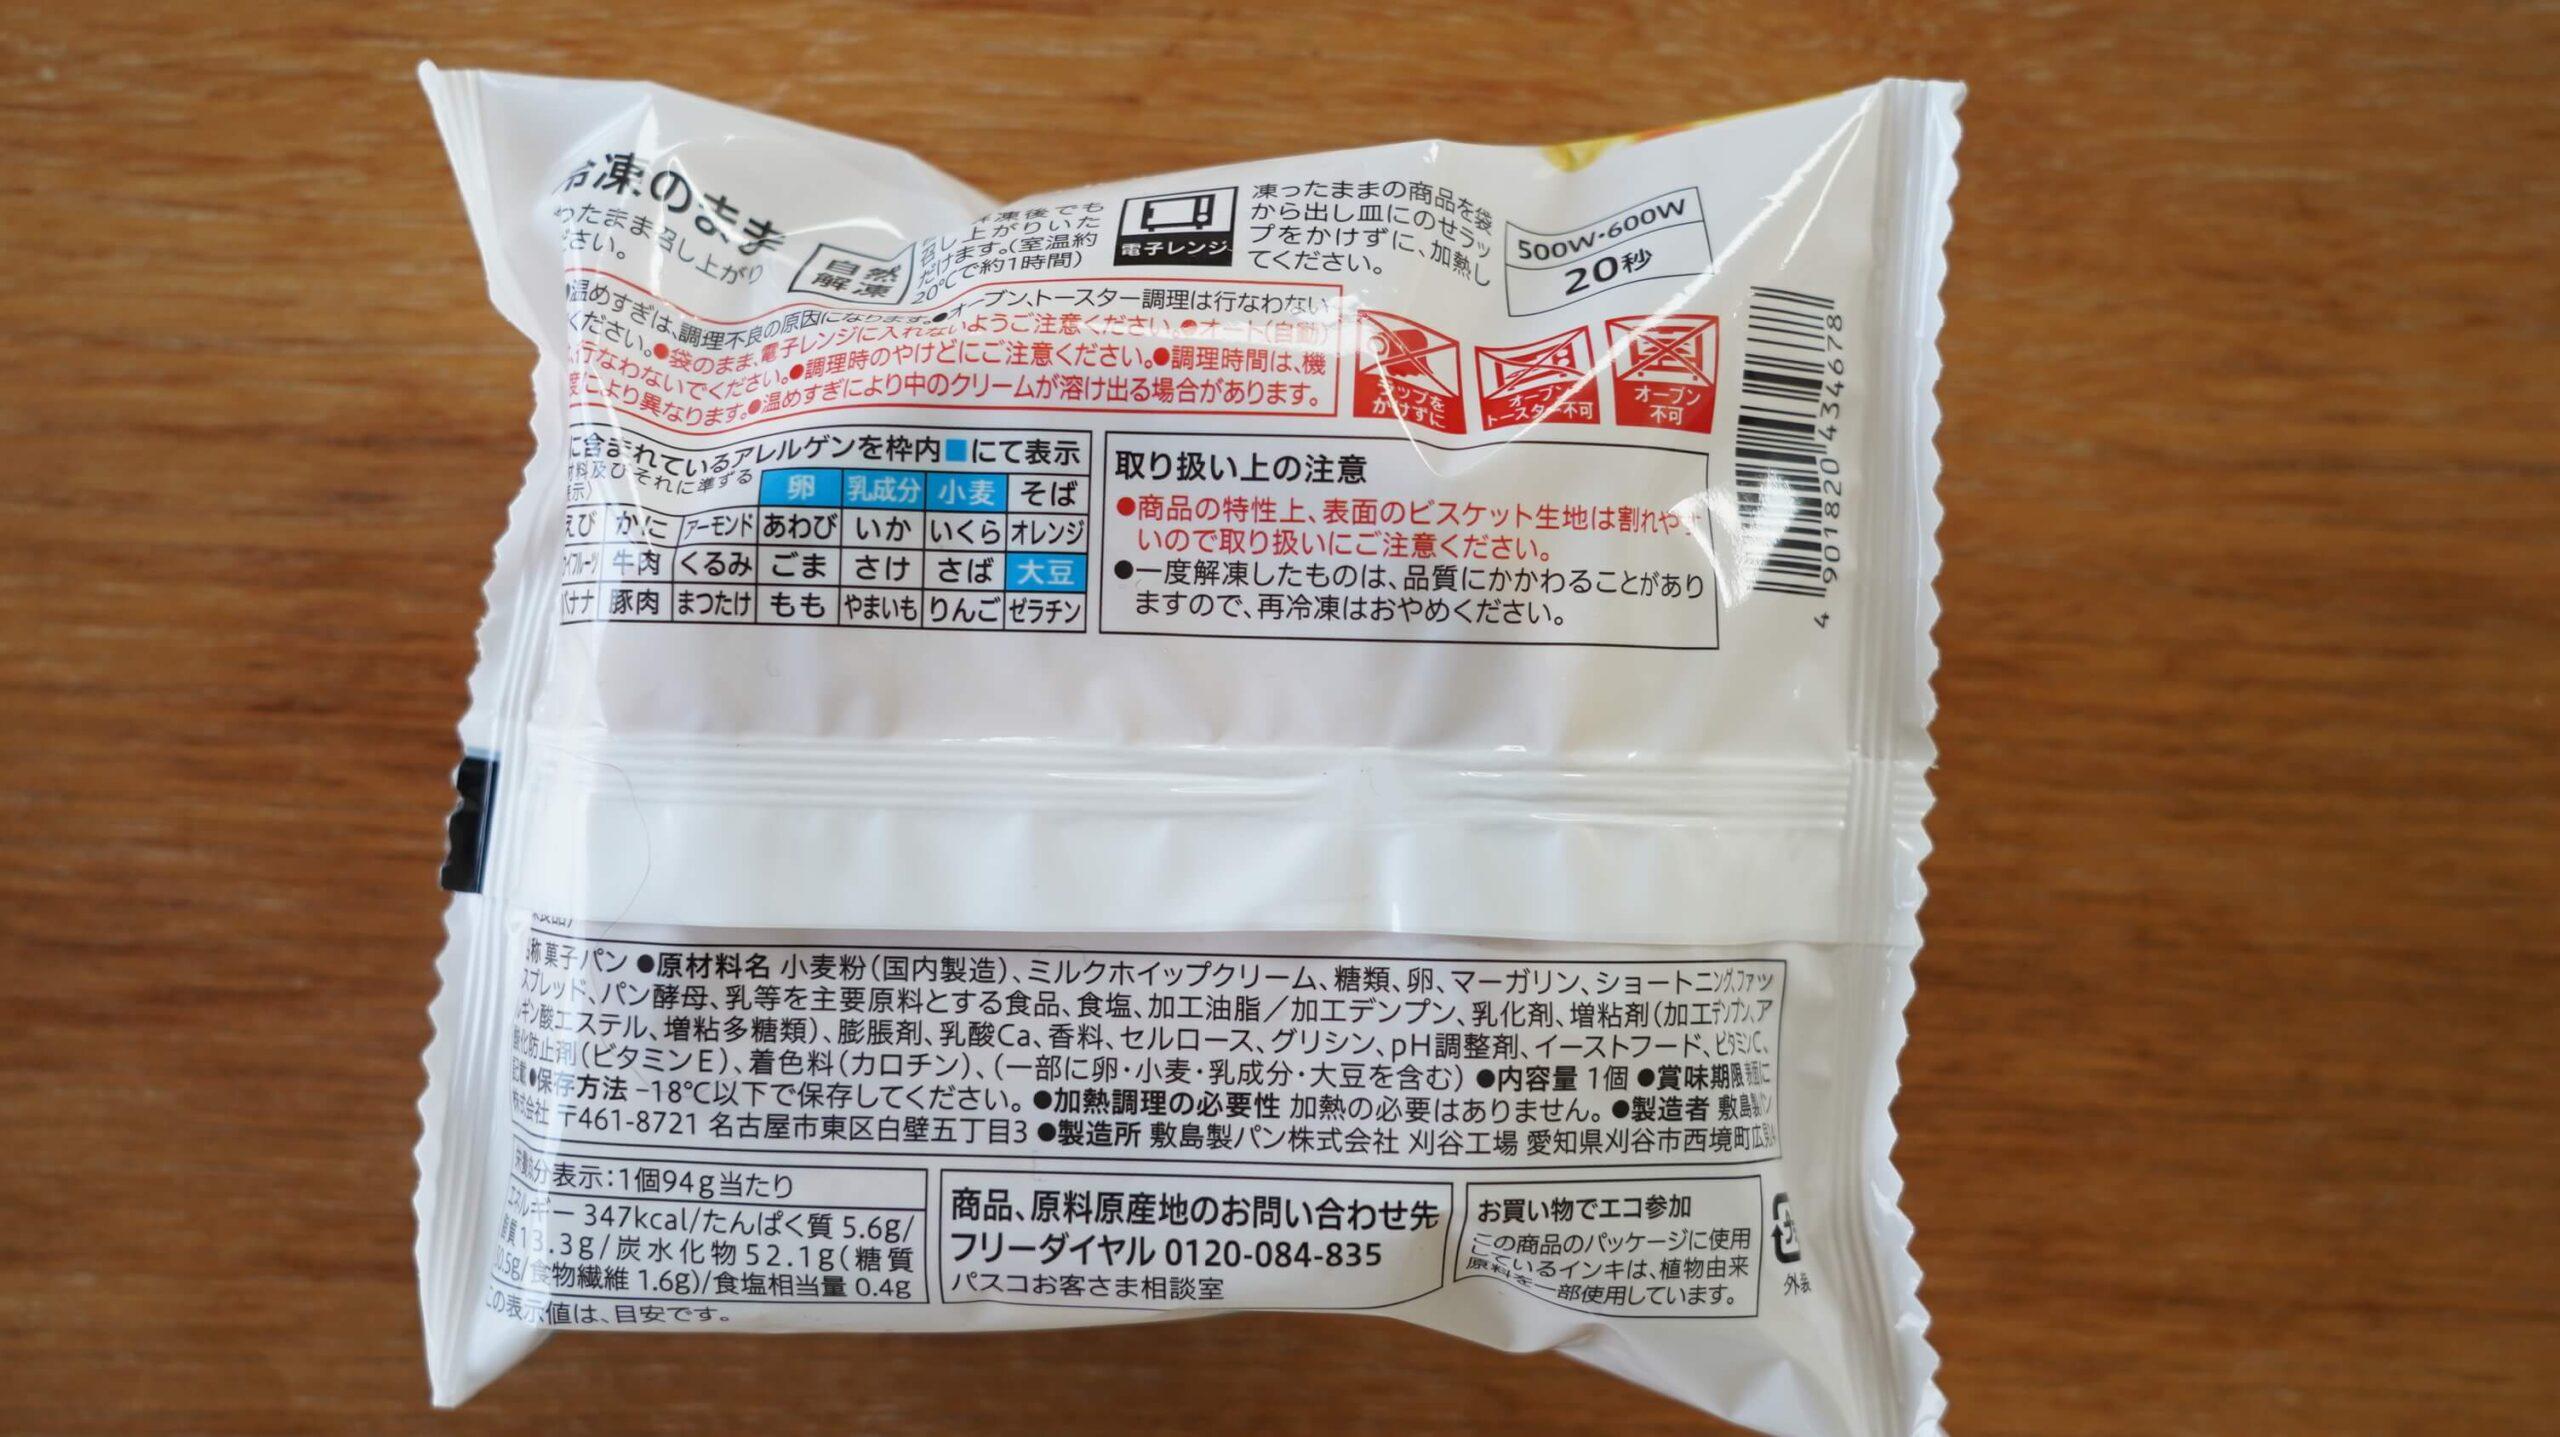 セブンイレブンの冷凍食品「冷たく食べるメロンパン」のパッケージ裏面の写真